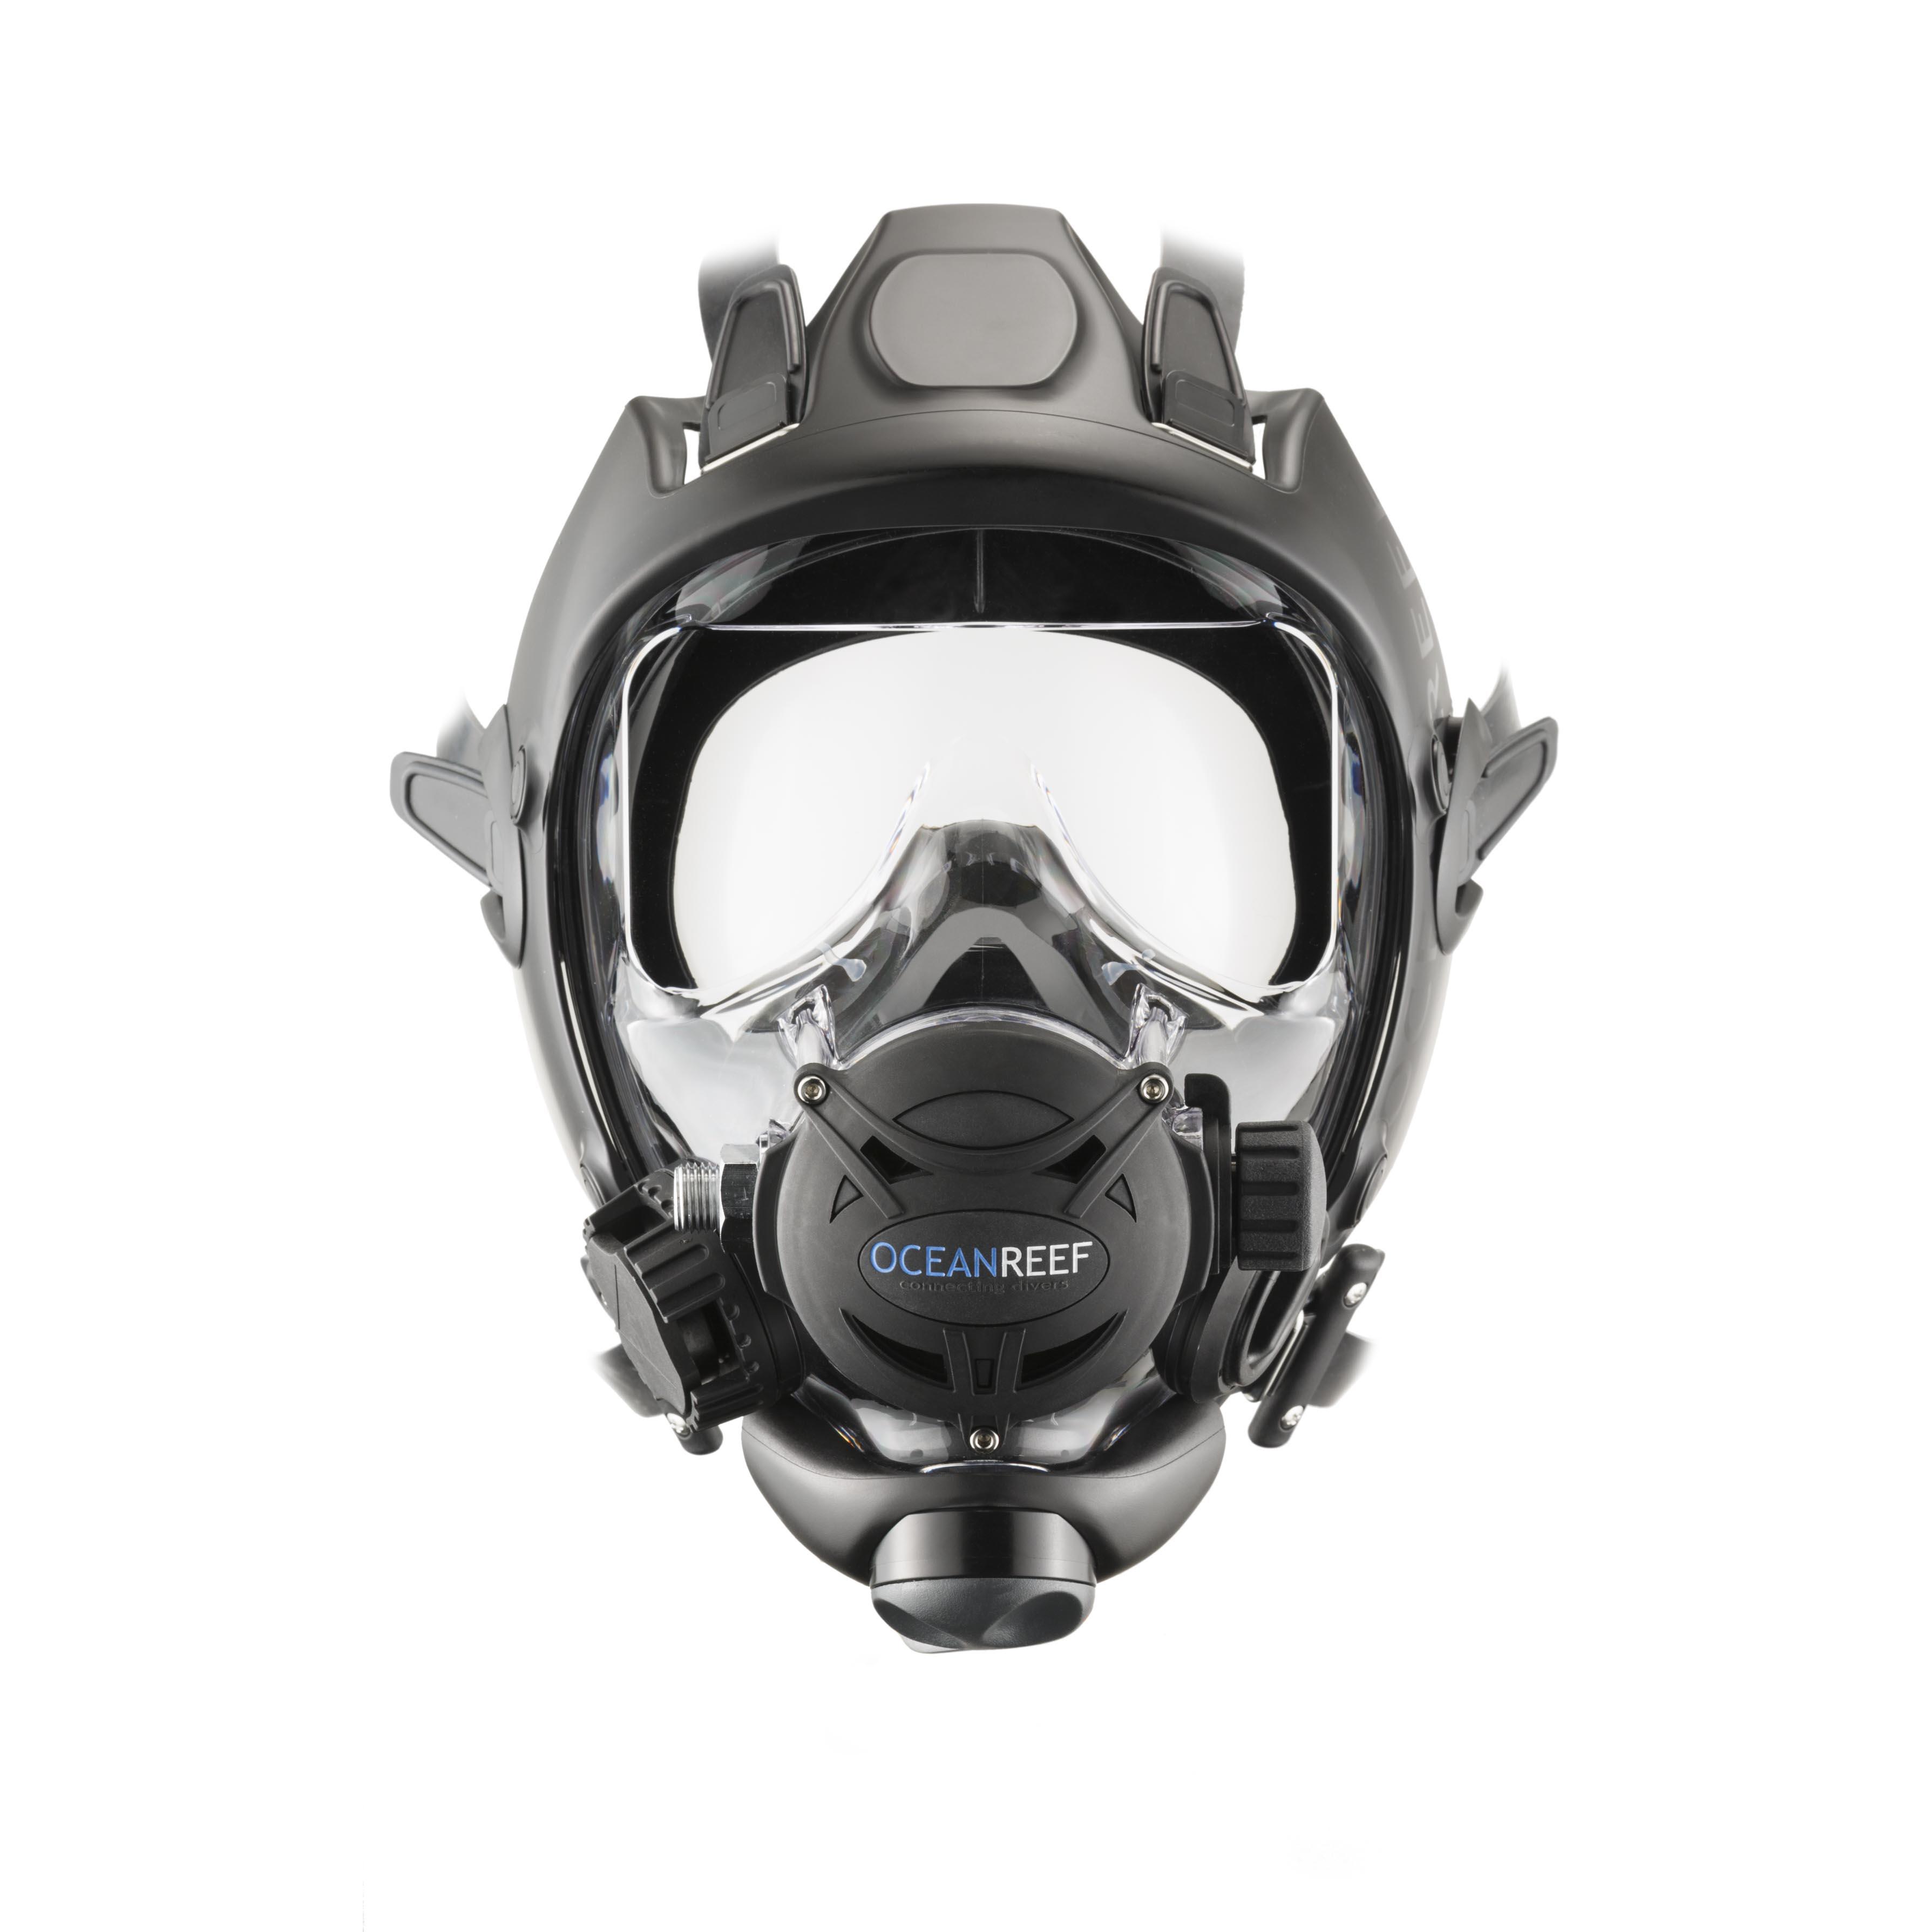 Целолицева водолазна маска SPACE EXTENDER – Ocean Reef